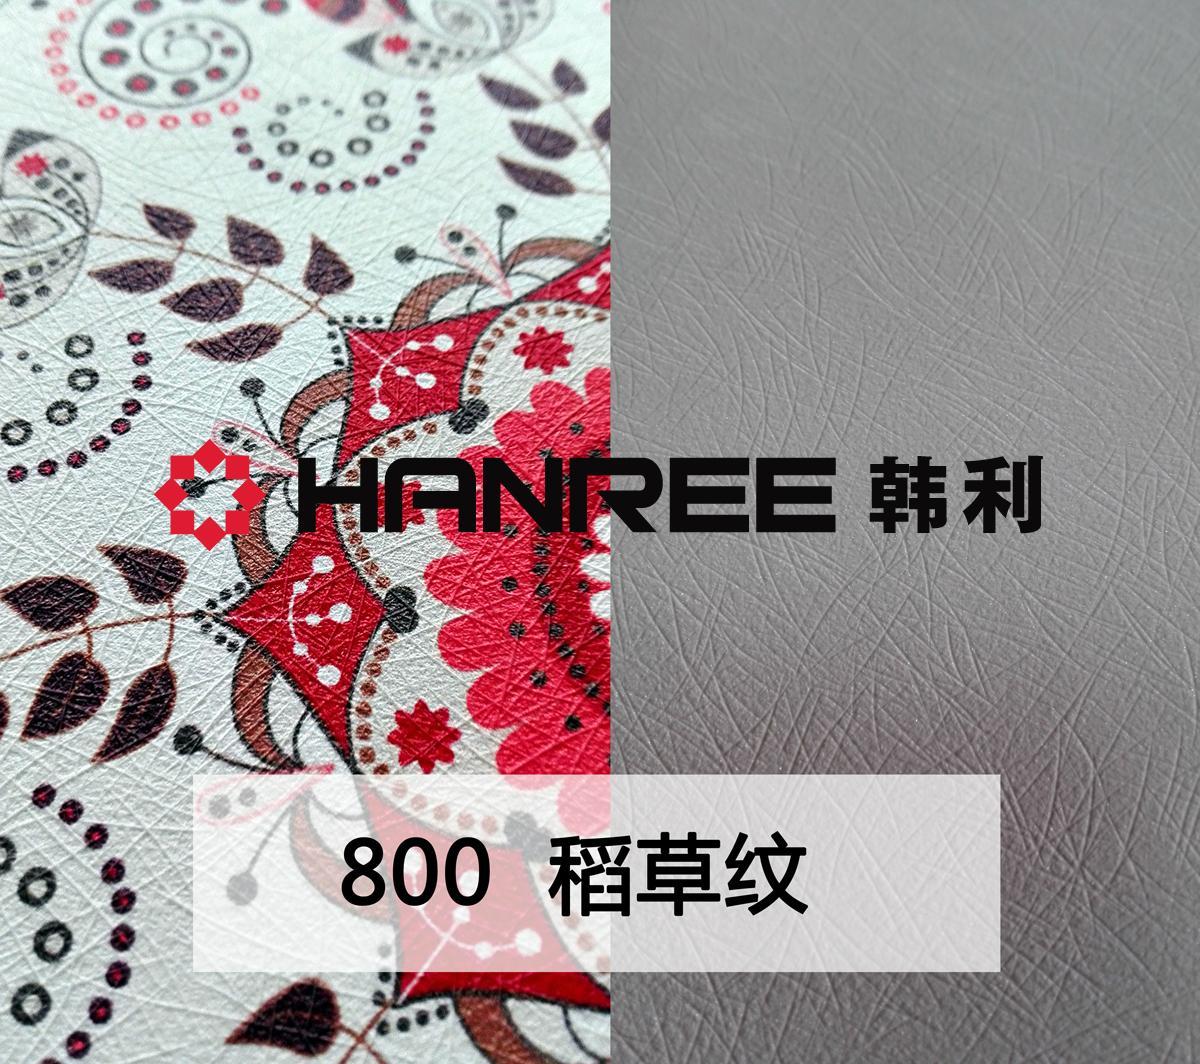 韩利 壁画材料供应商/拼接/韩国稻草纹/写真底纸基材/PVC底布 1